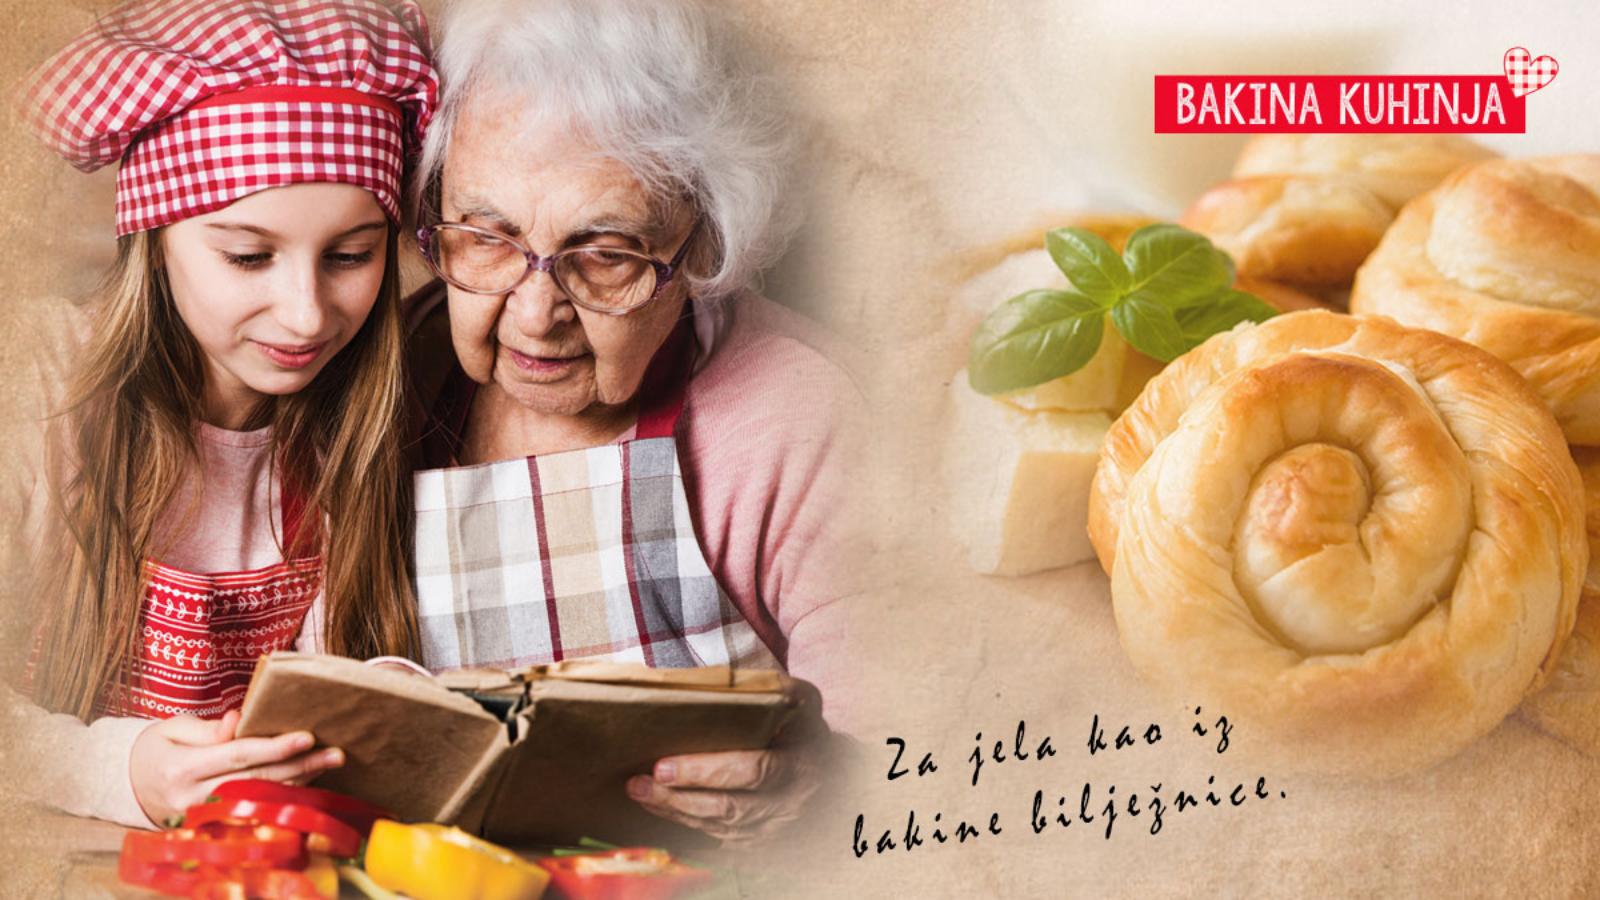 Bakina-kuhinja-pita-cover